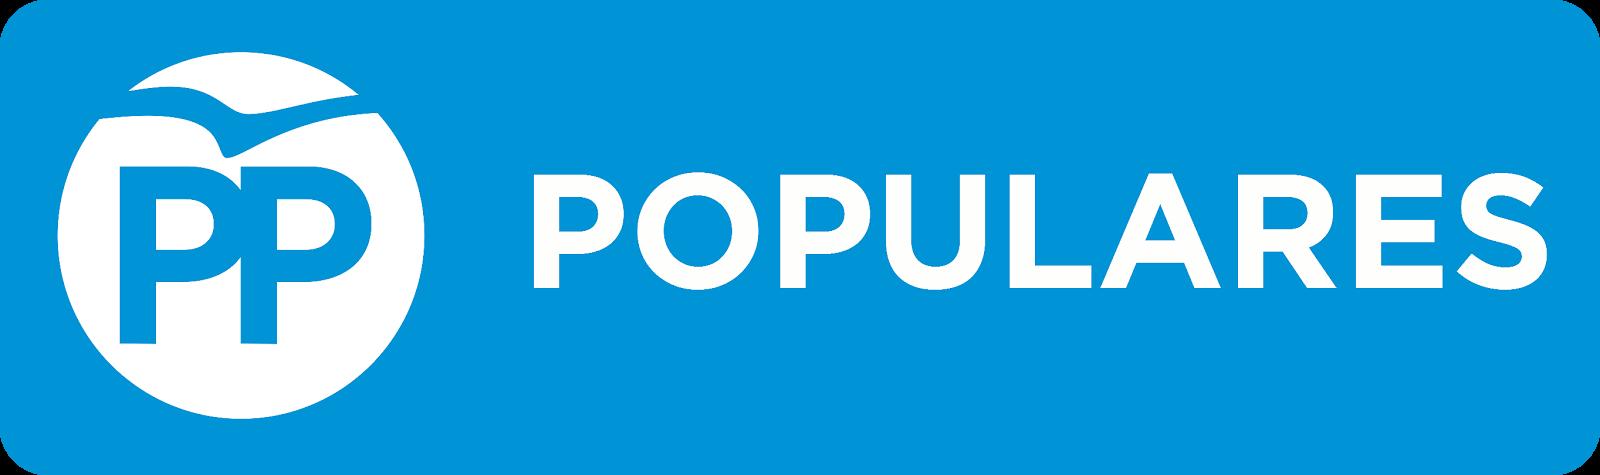 los valores del partido popular